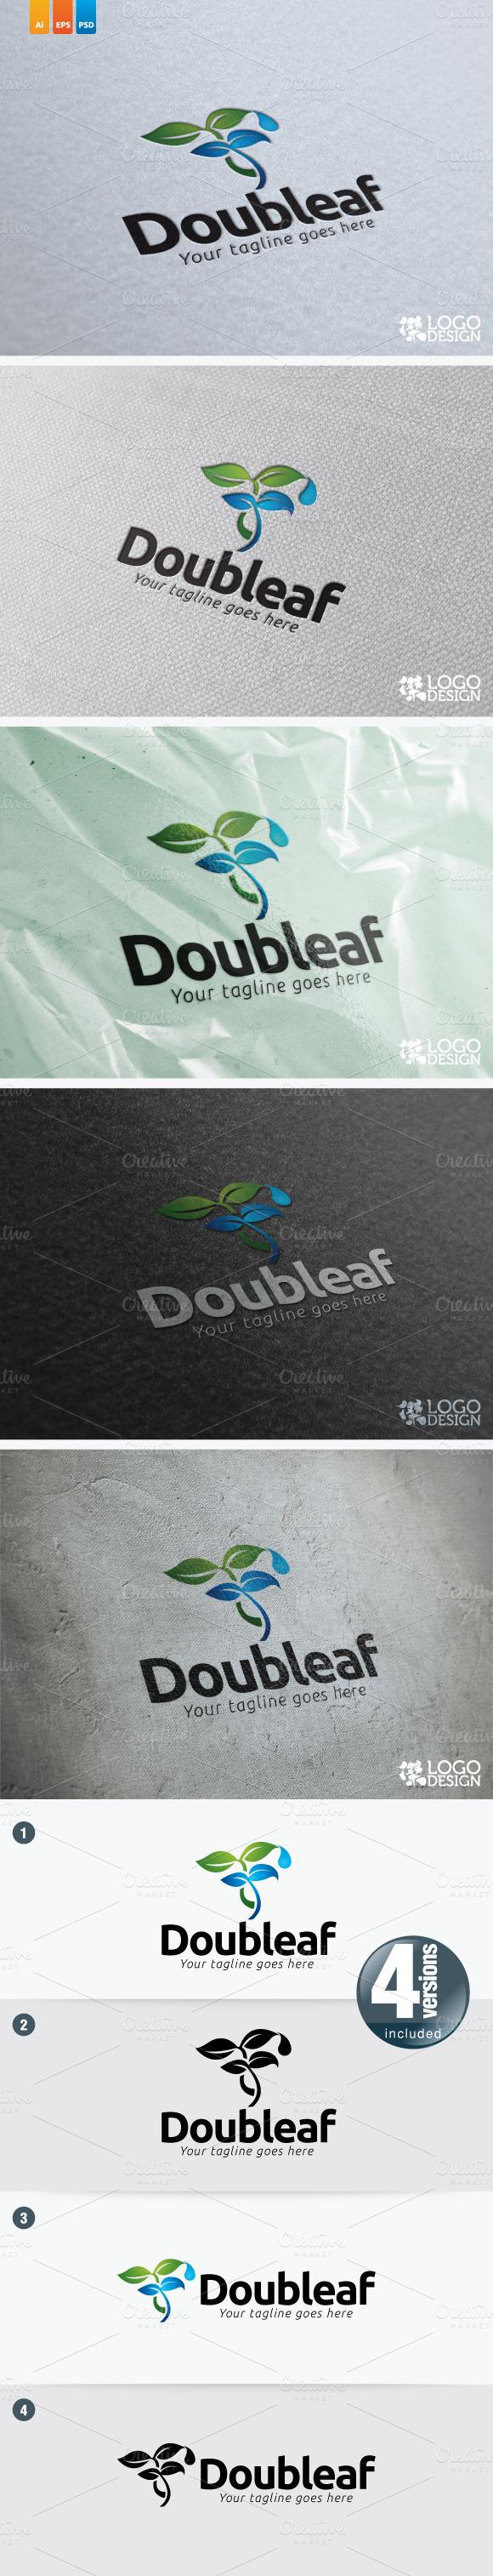 Doubleaf